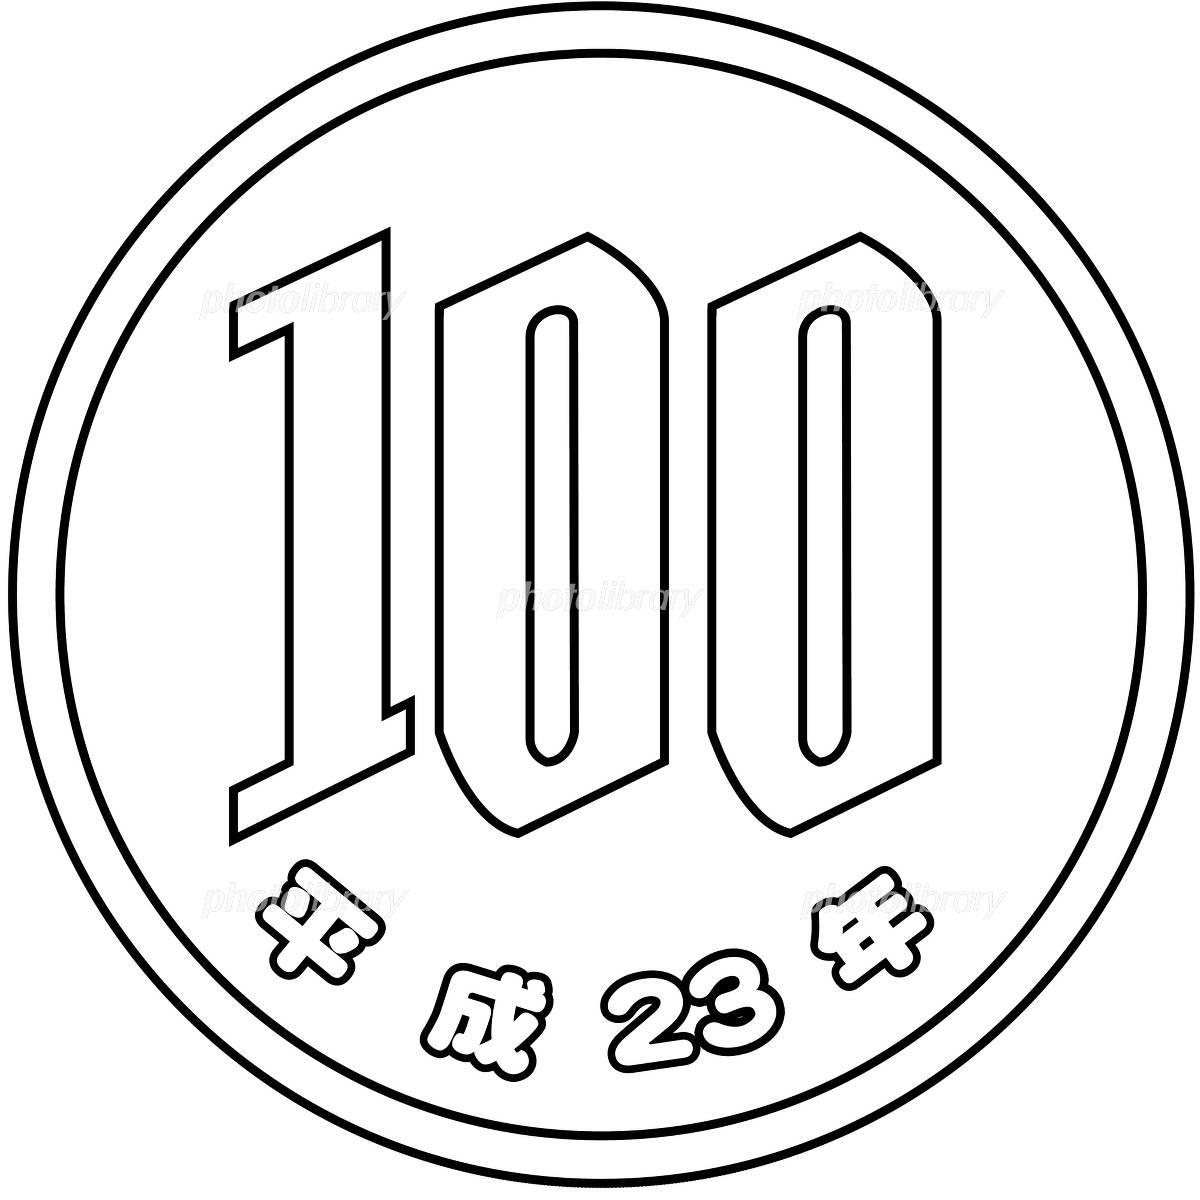 100円硬貨イラスト 平成23年のイラスト素材